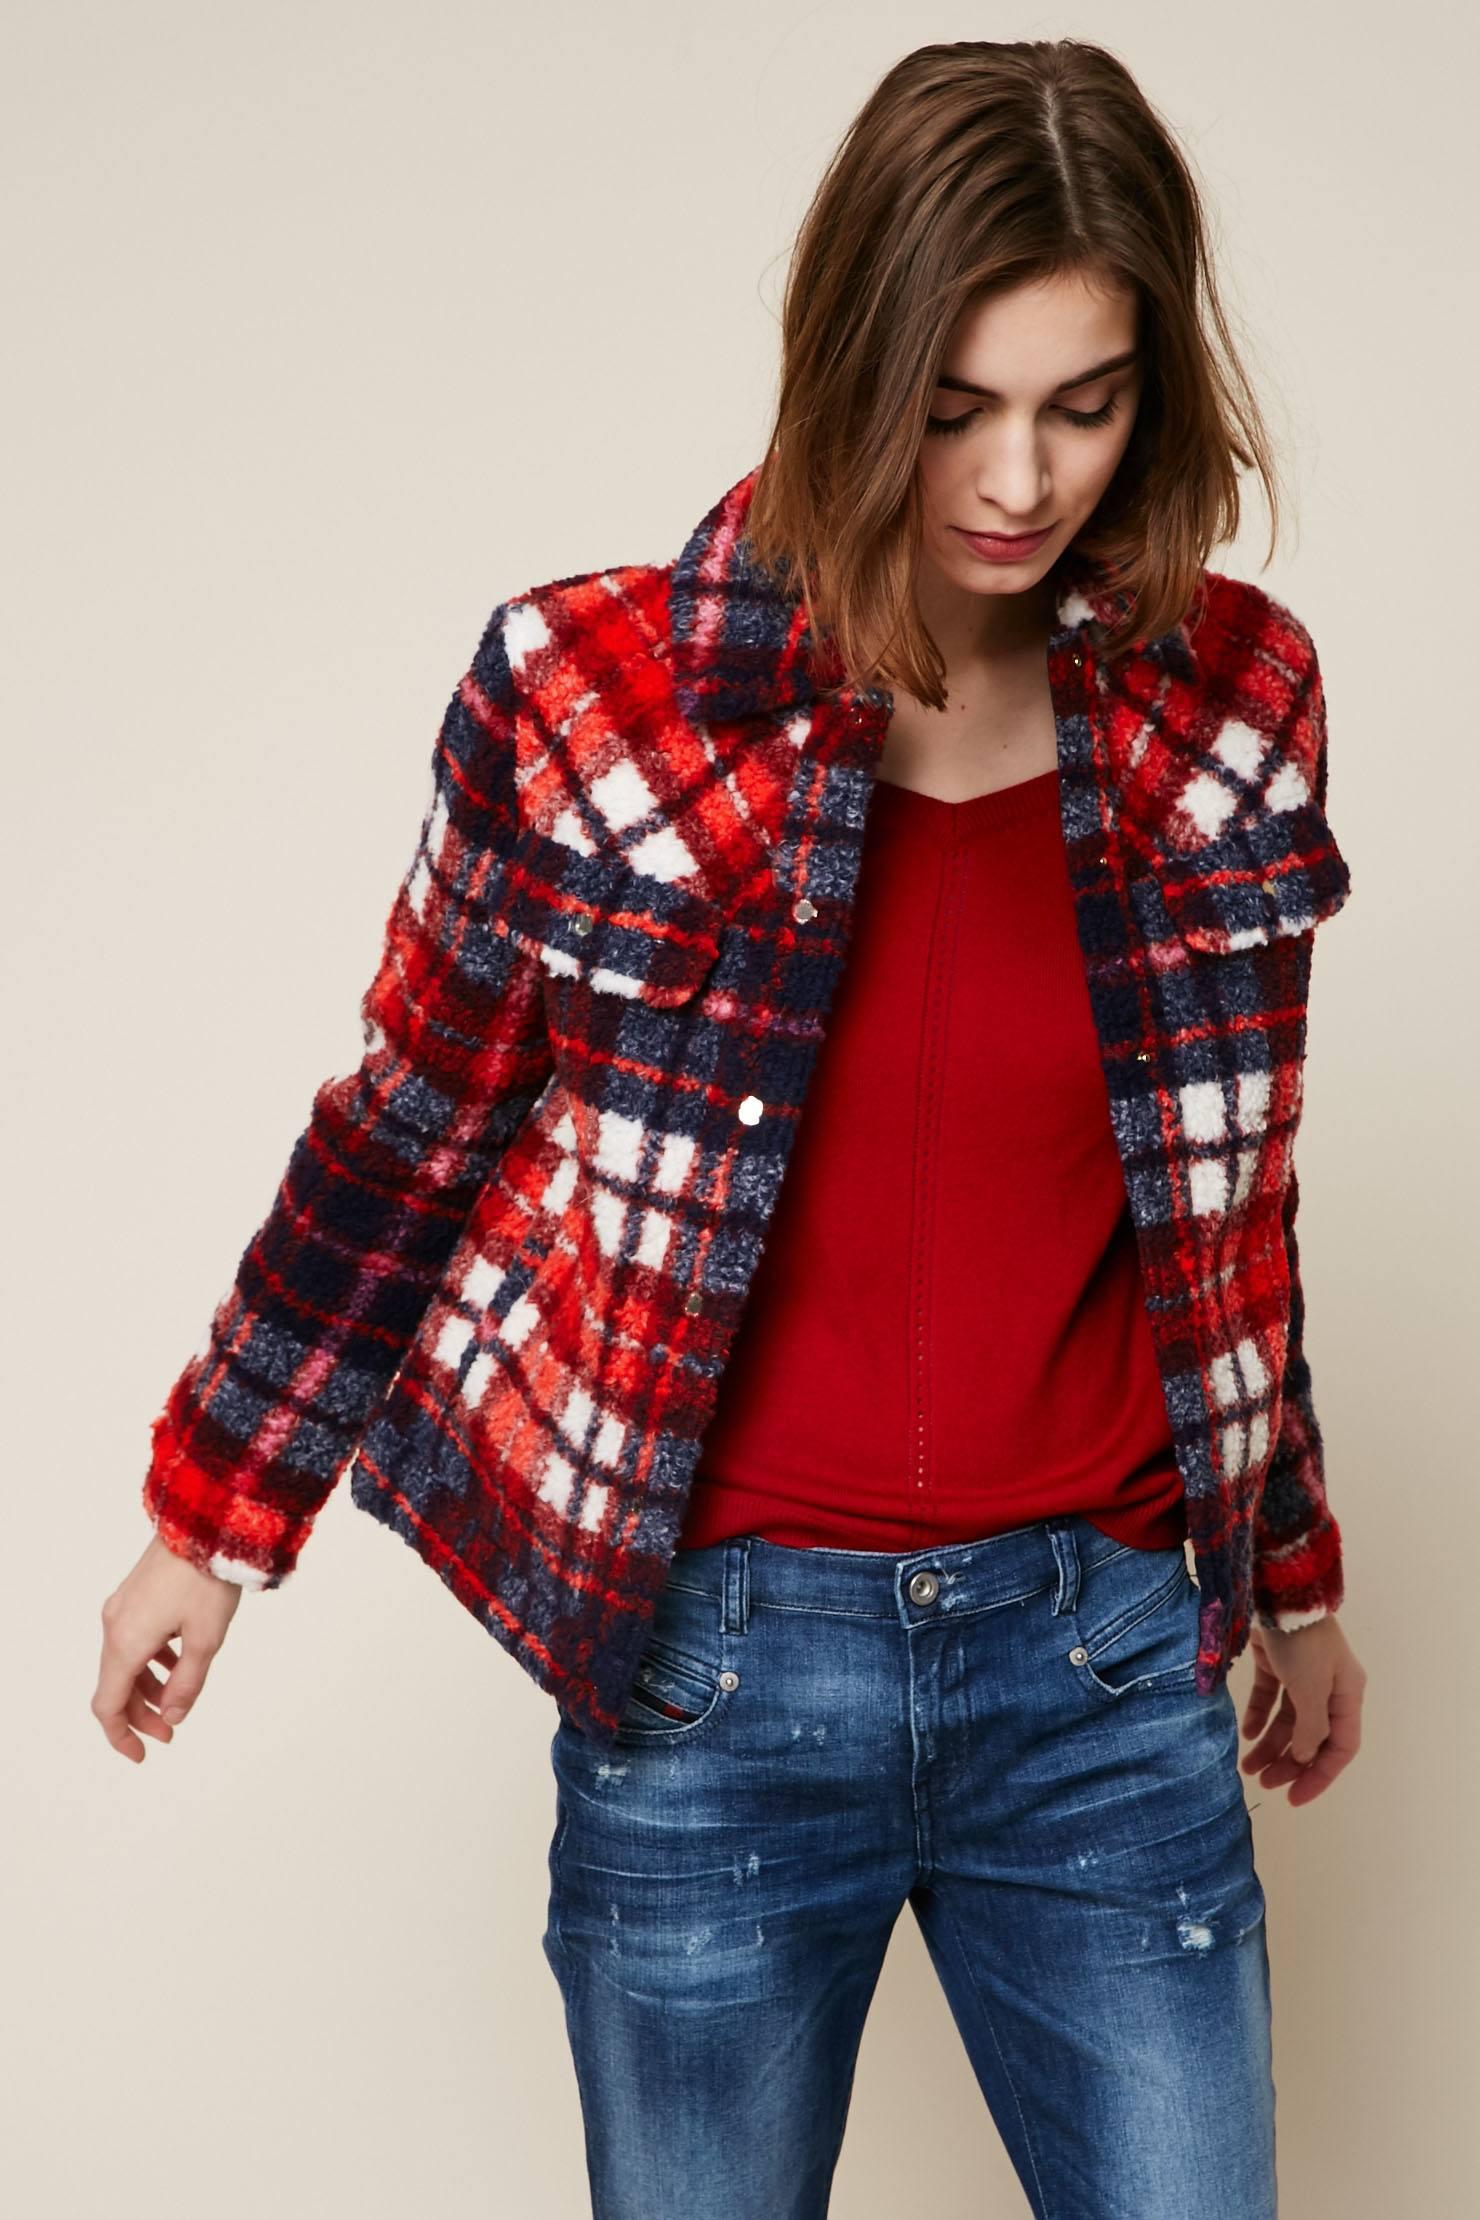 tommy hilfiger manteau tartan rouge en laine m lang e manteau femme monshowroom. Black Bedroom Furniture Sets. Home Design Ideas